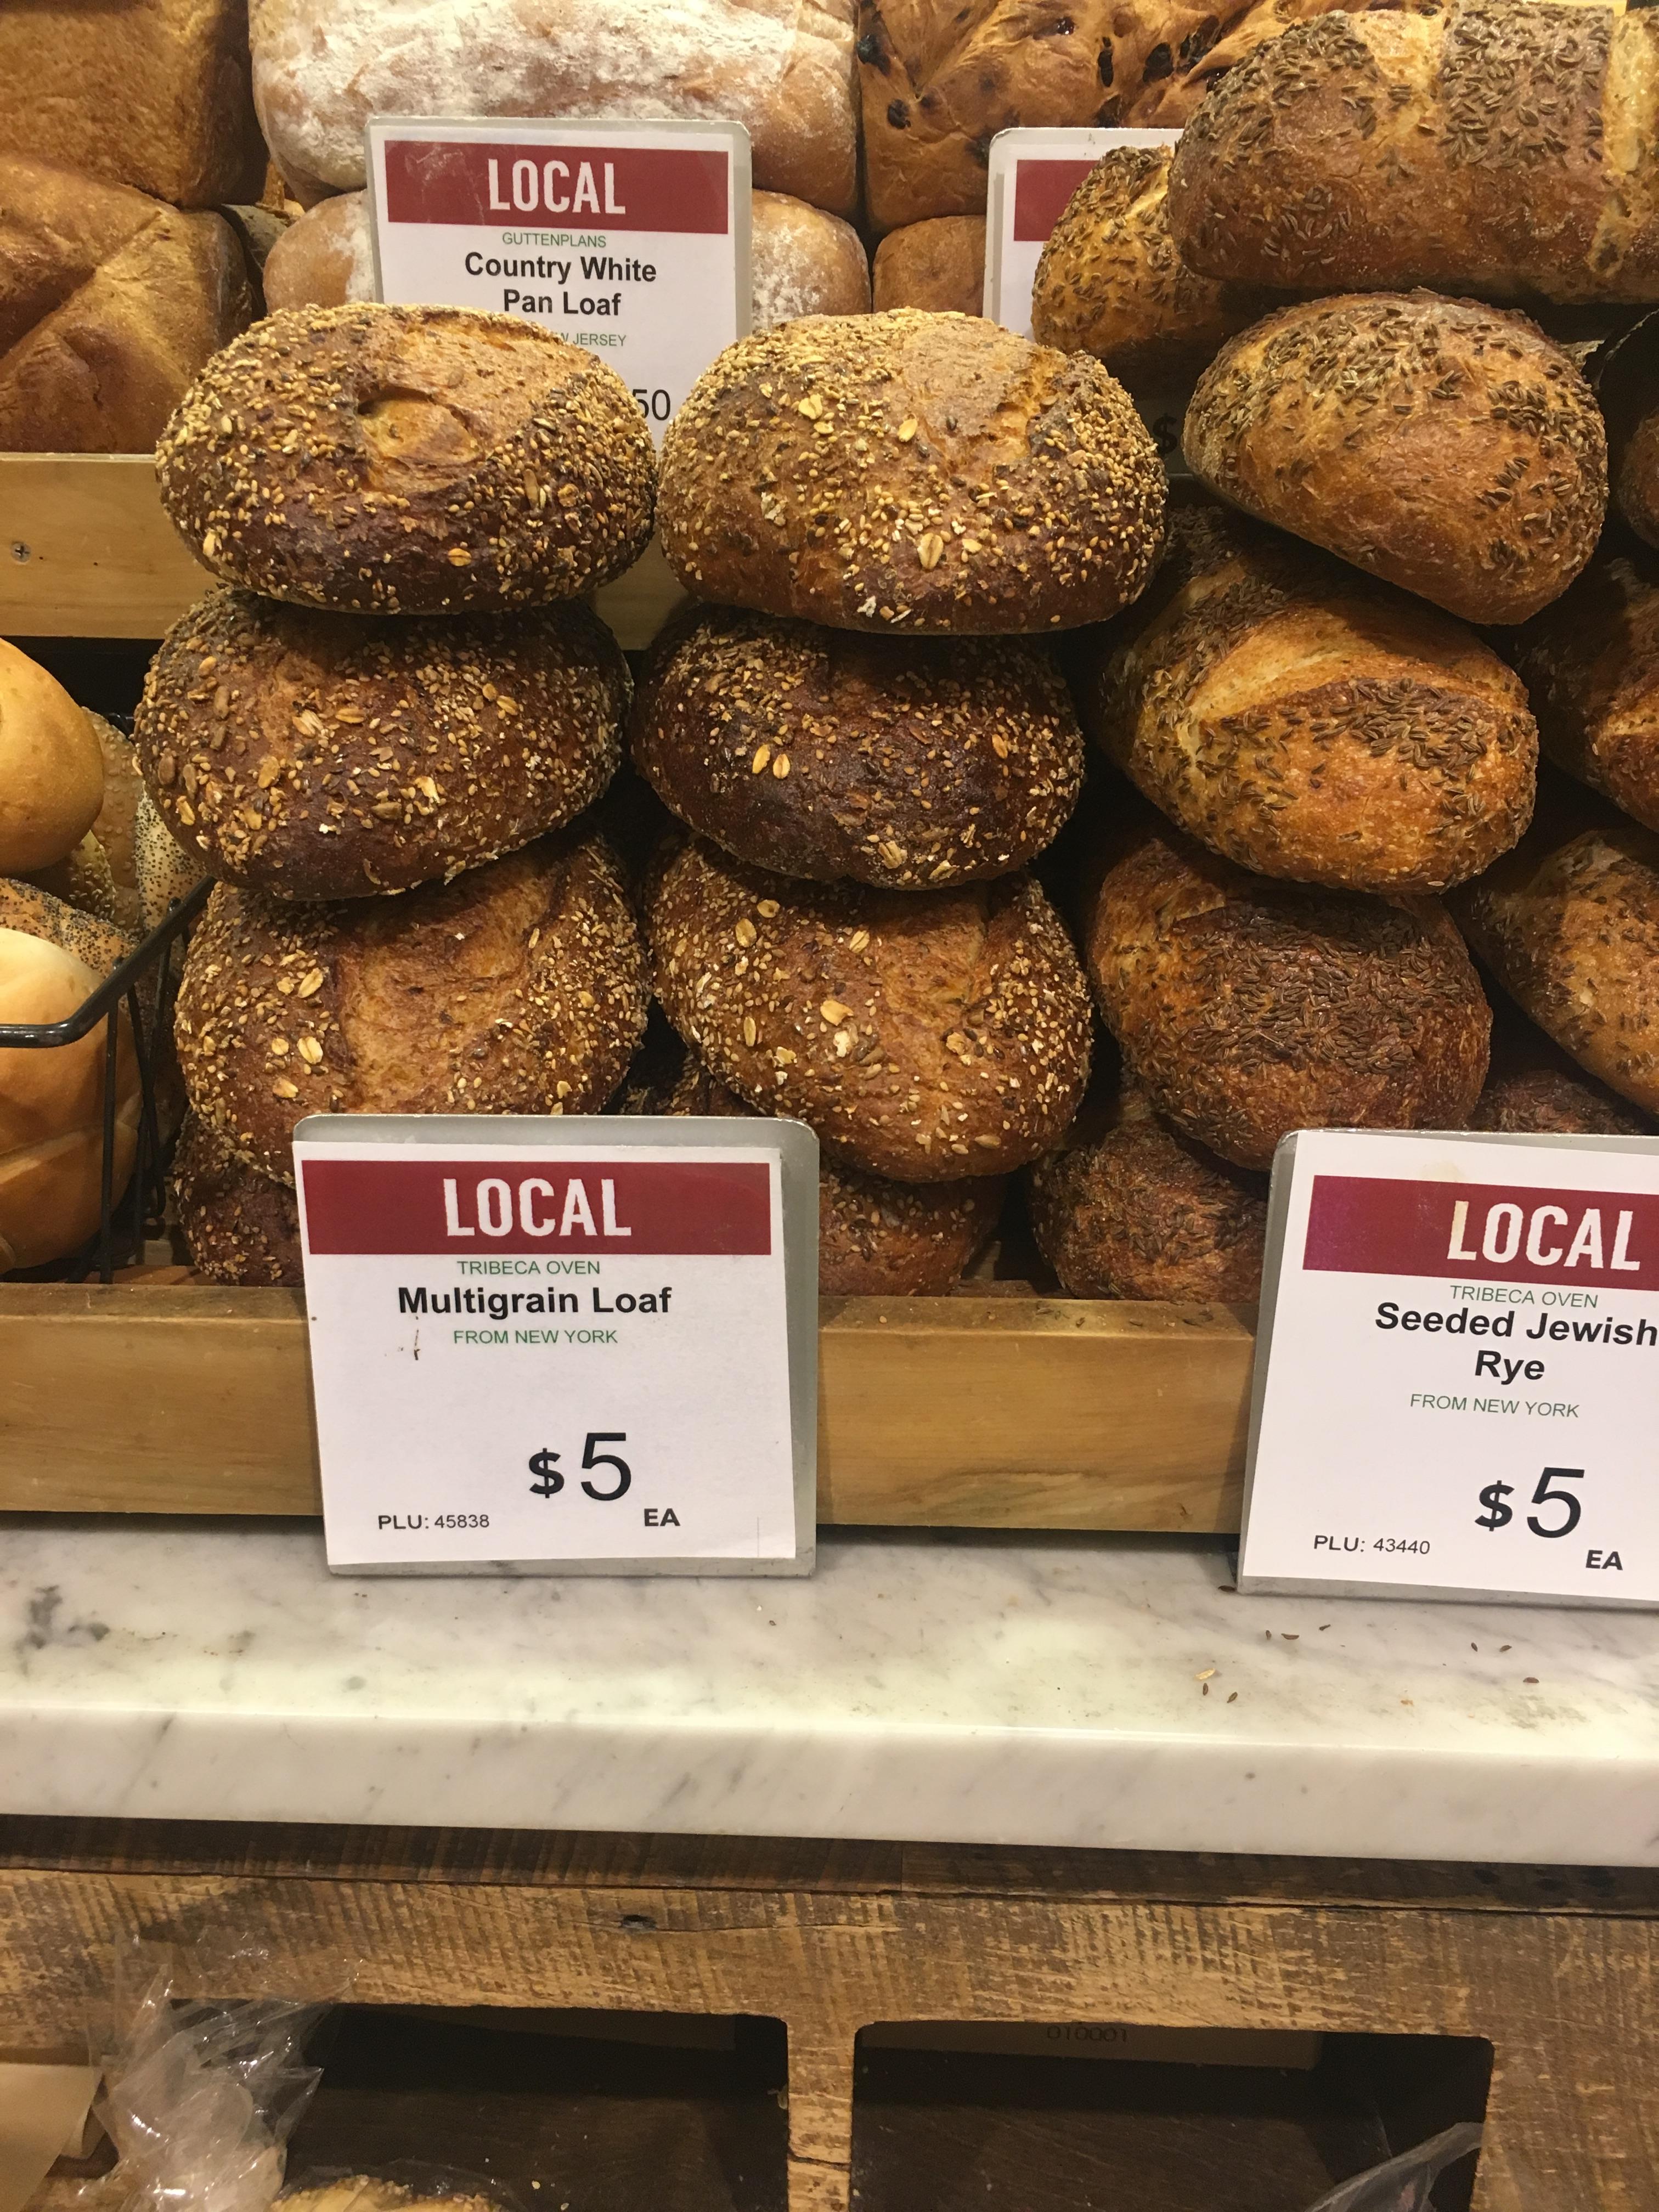 nao-e-caro-viajar-11-produtos-incriveis-que-voce-encontra-no-mercado-em-nyc-paes-sem-gluten